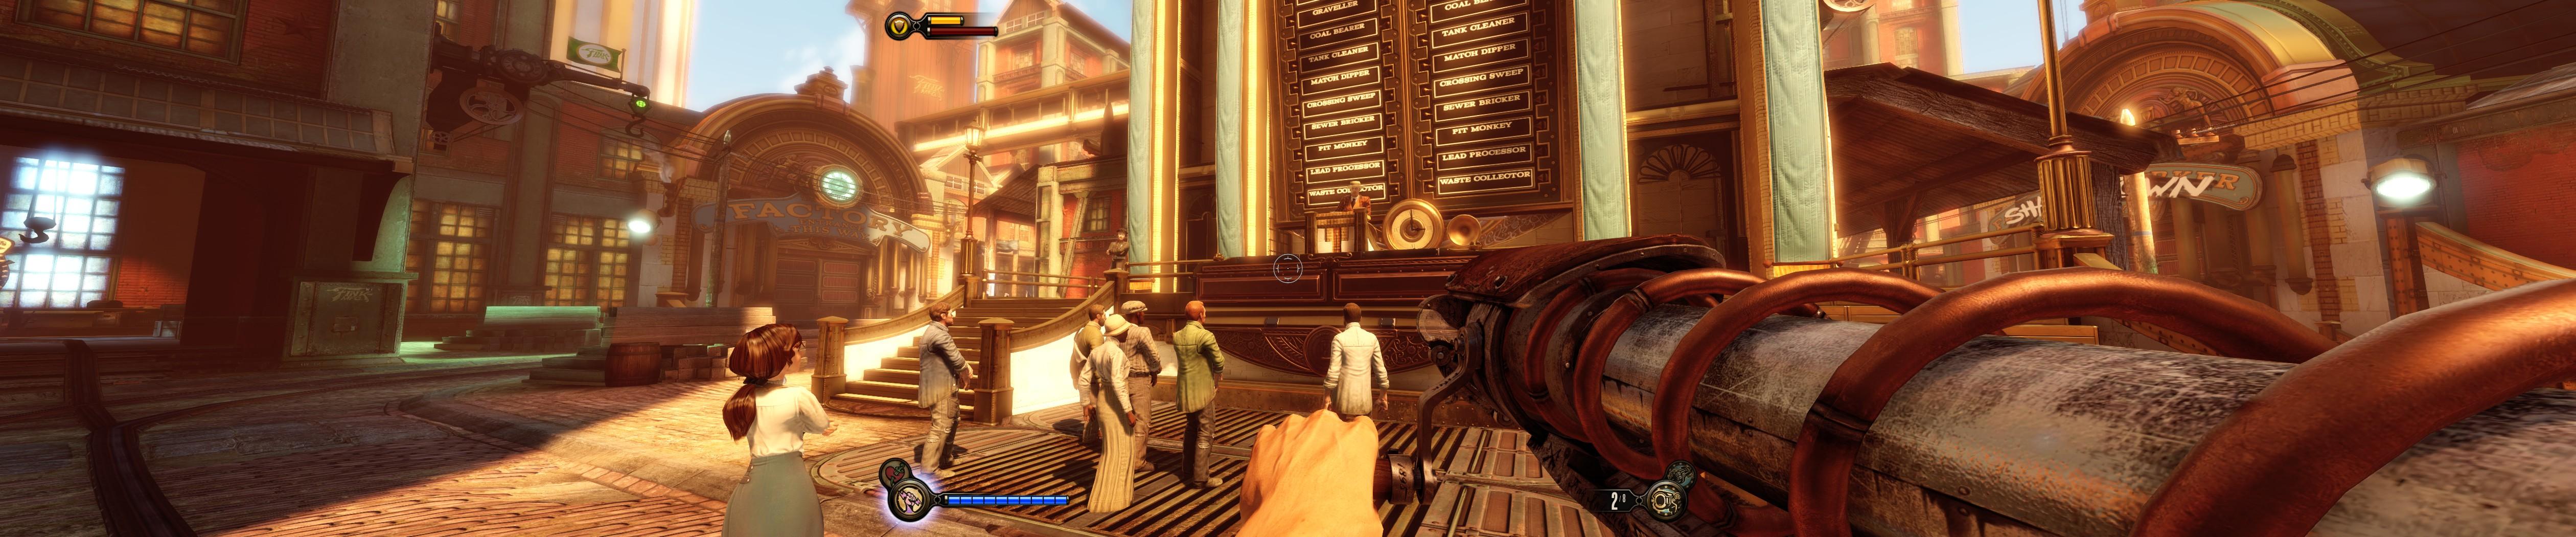 Bioshock_Infinite_2013-05-14_00013